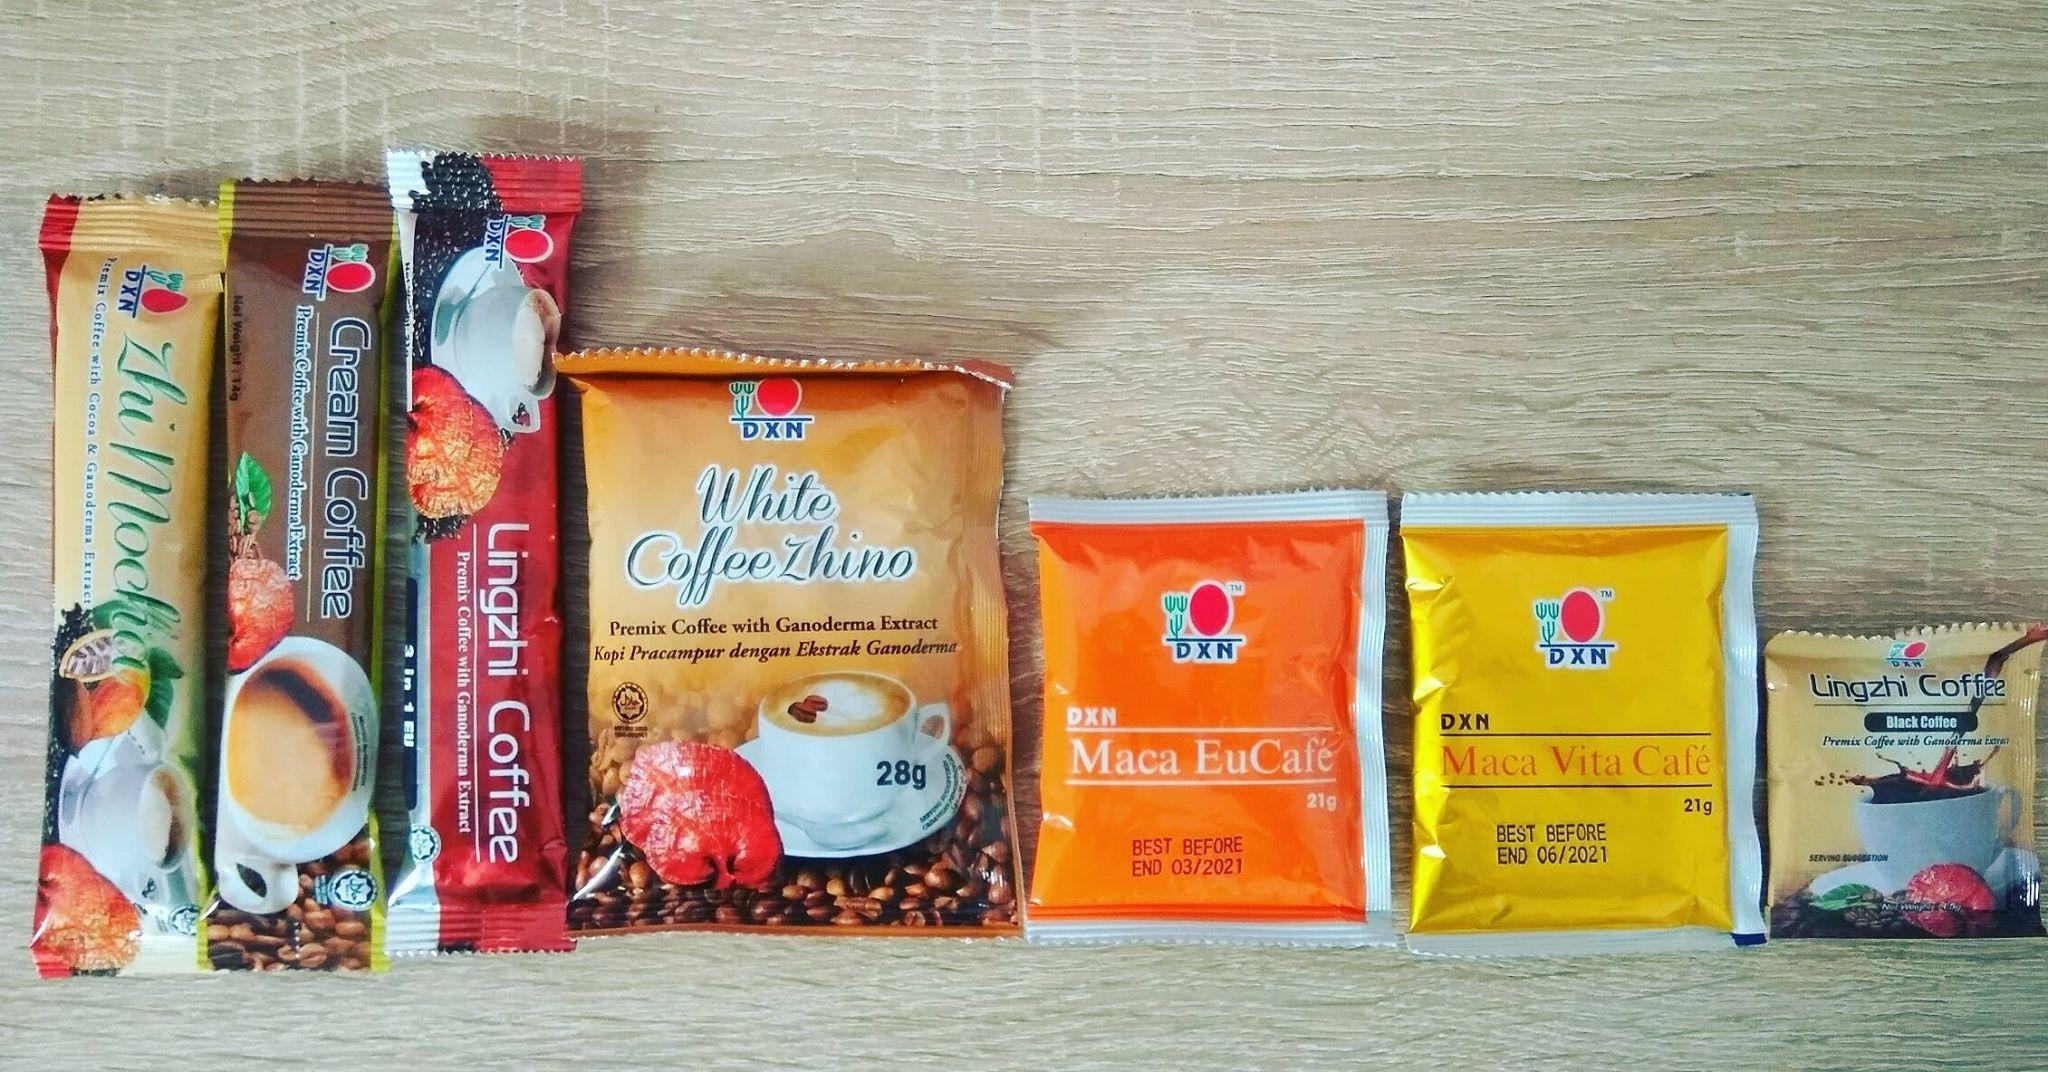 Hogyan lehet egy kávé egészséges - Kávé, Egészséges, Kecske